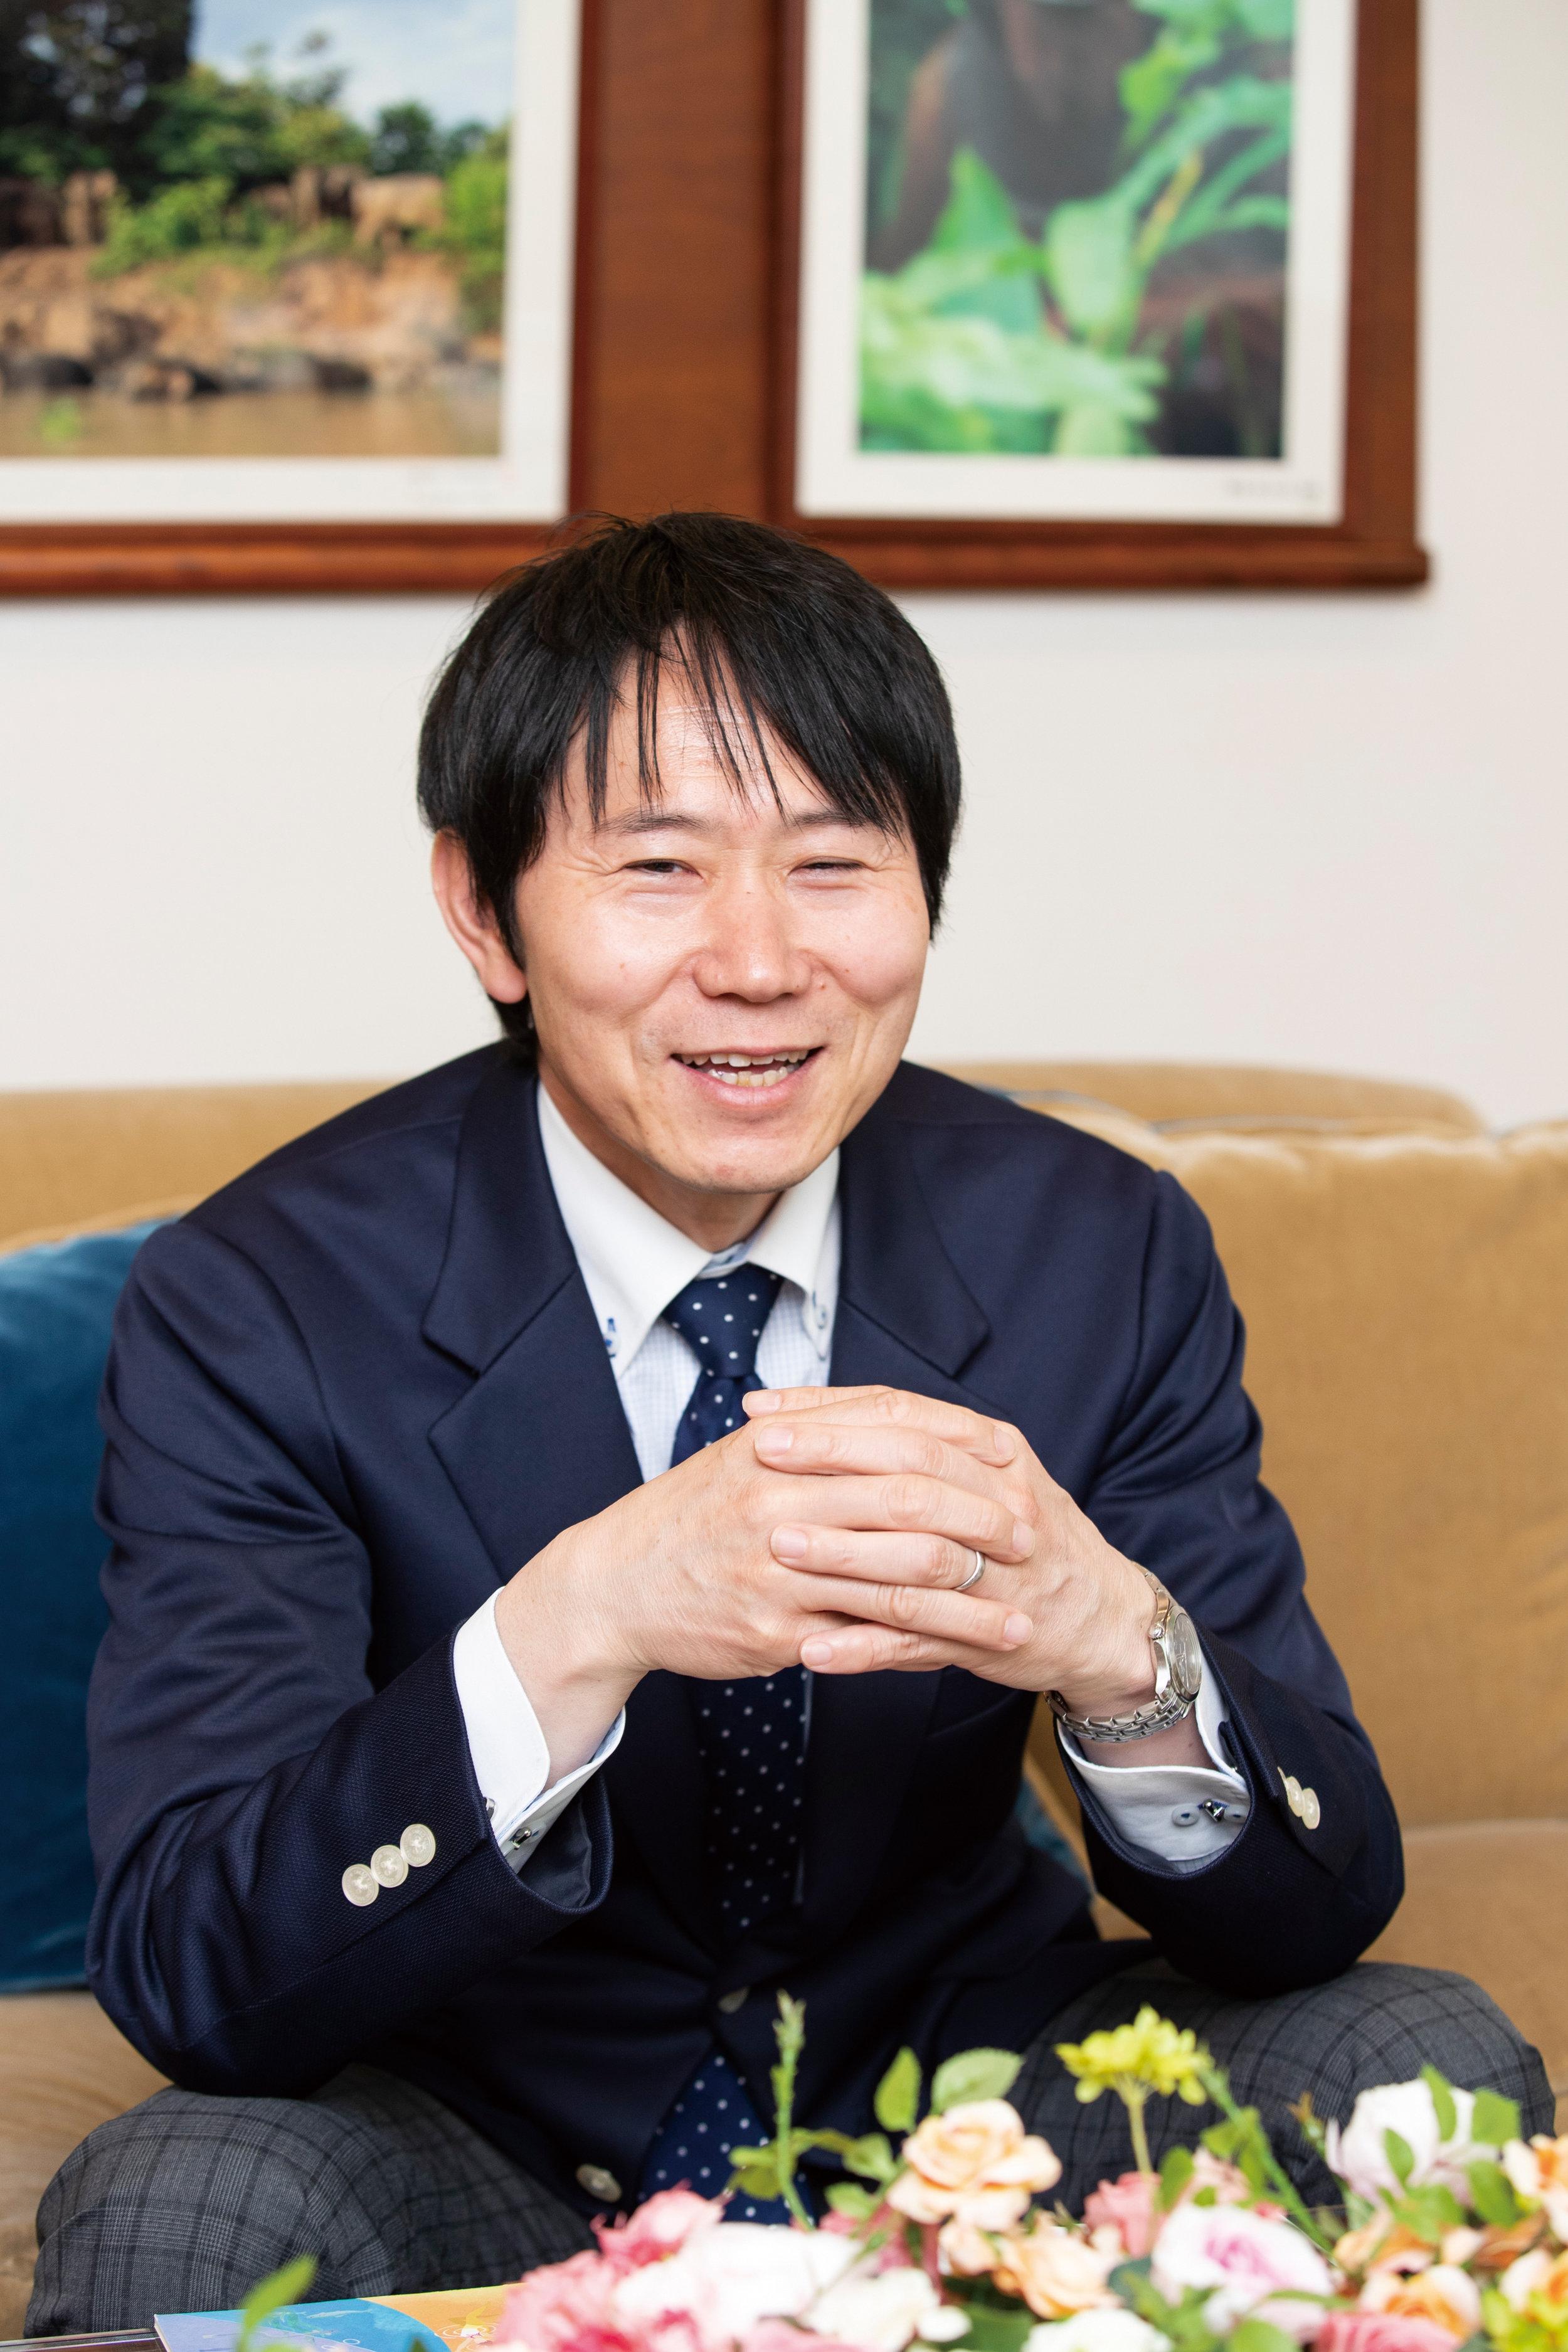 お話を伺いました サラヤ株式会社 広報宣伝統括部 部長 廣岡竜也 さん